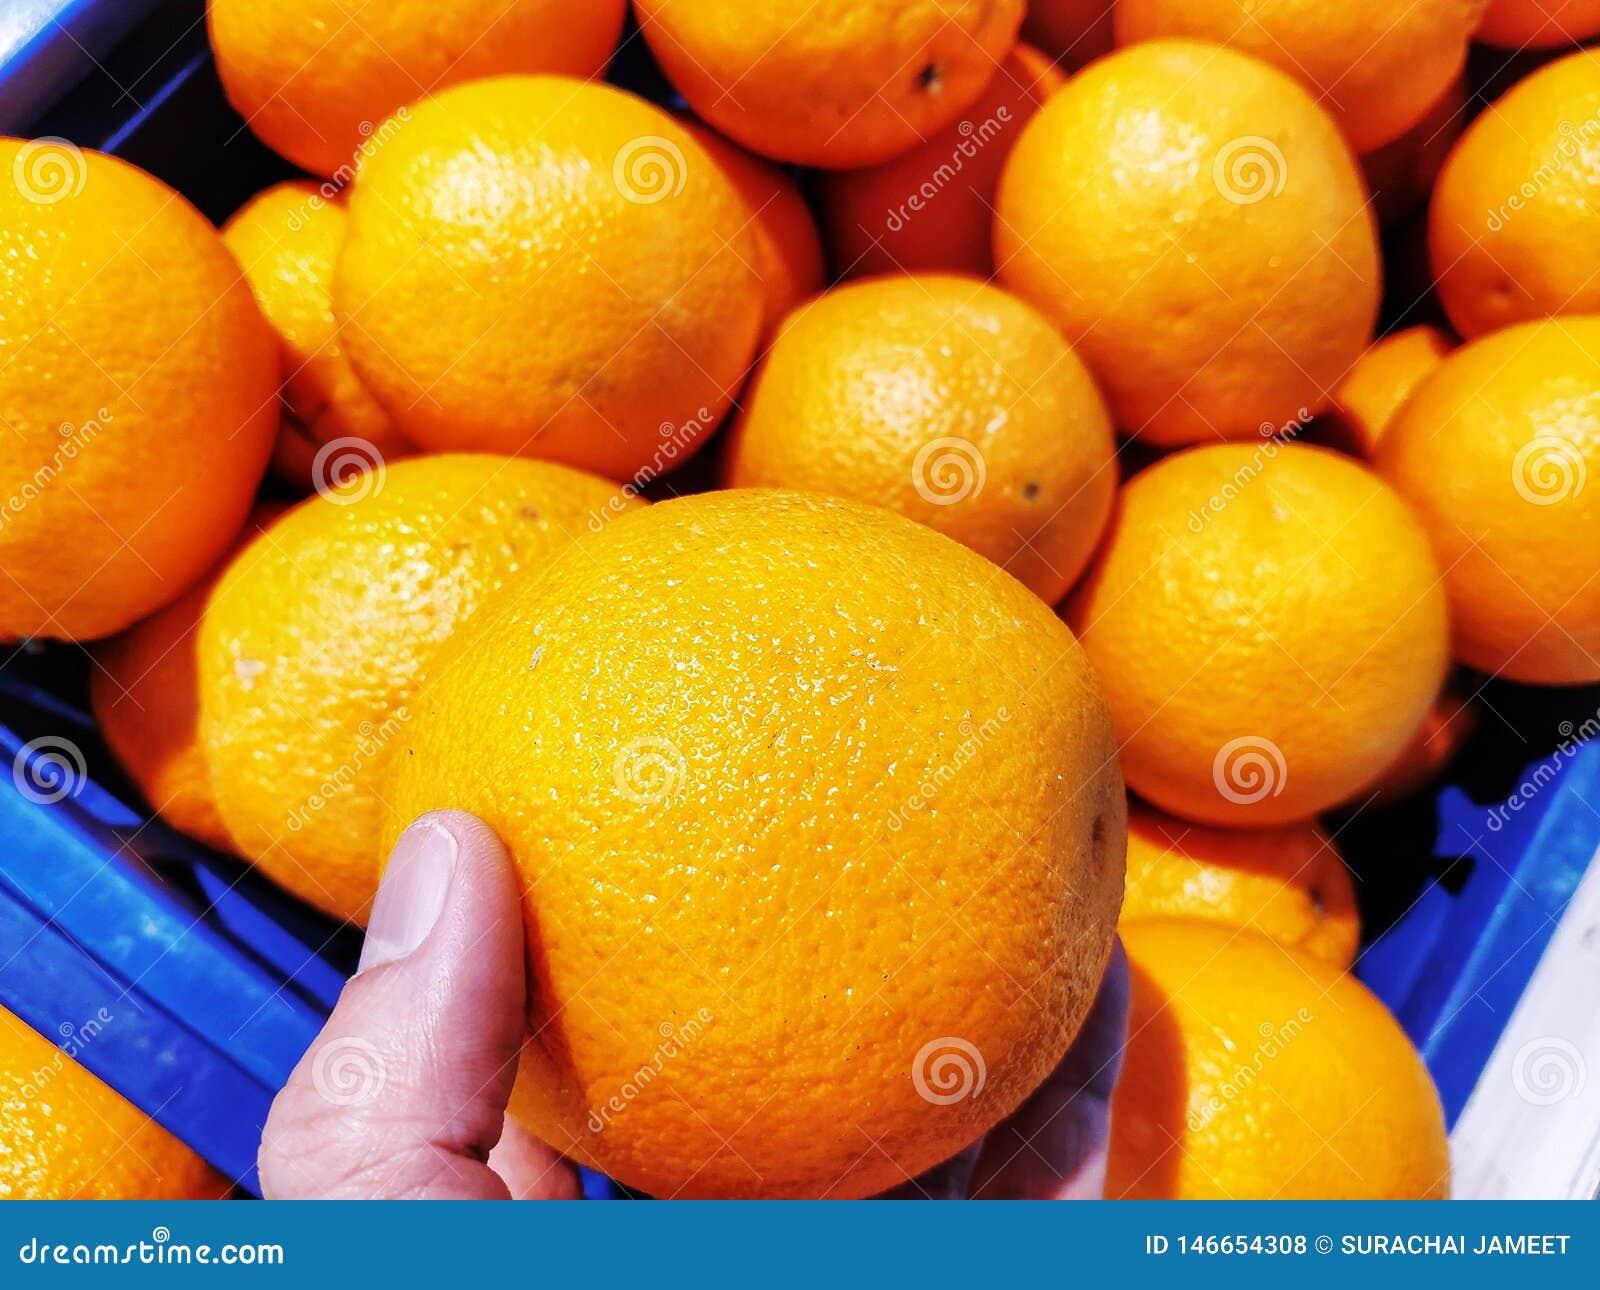 La naranja está en una mano Mucho más están detrás de las escenas en una cesta azul